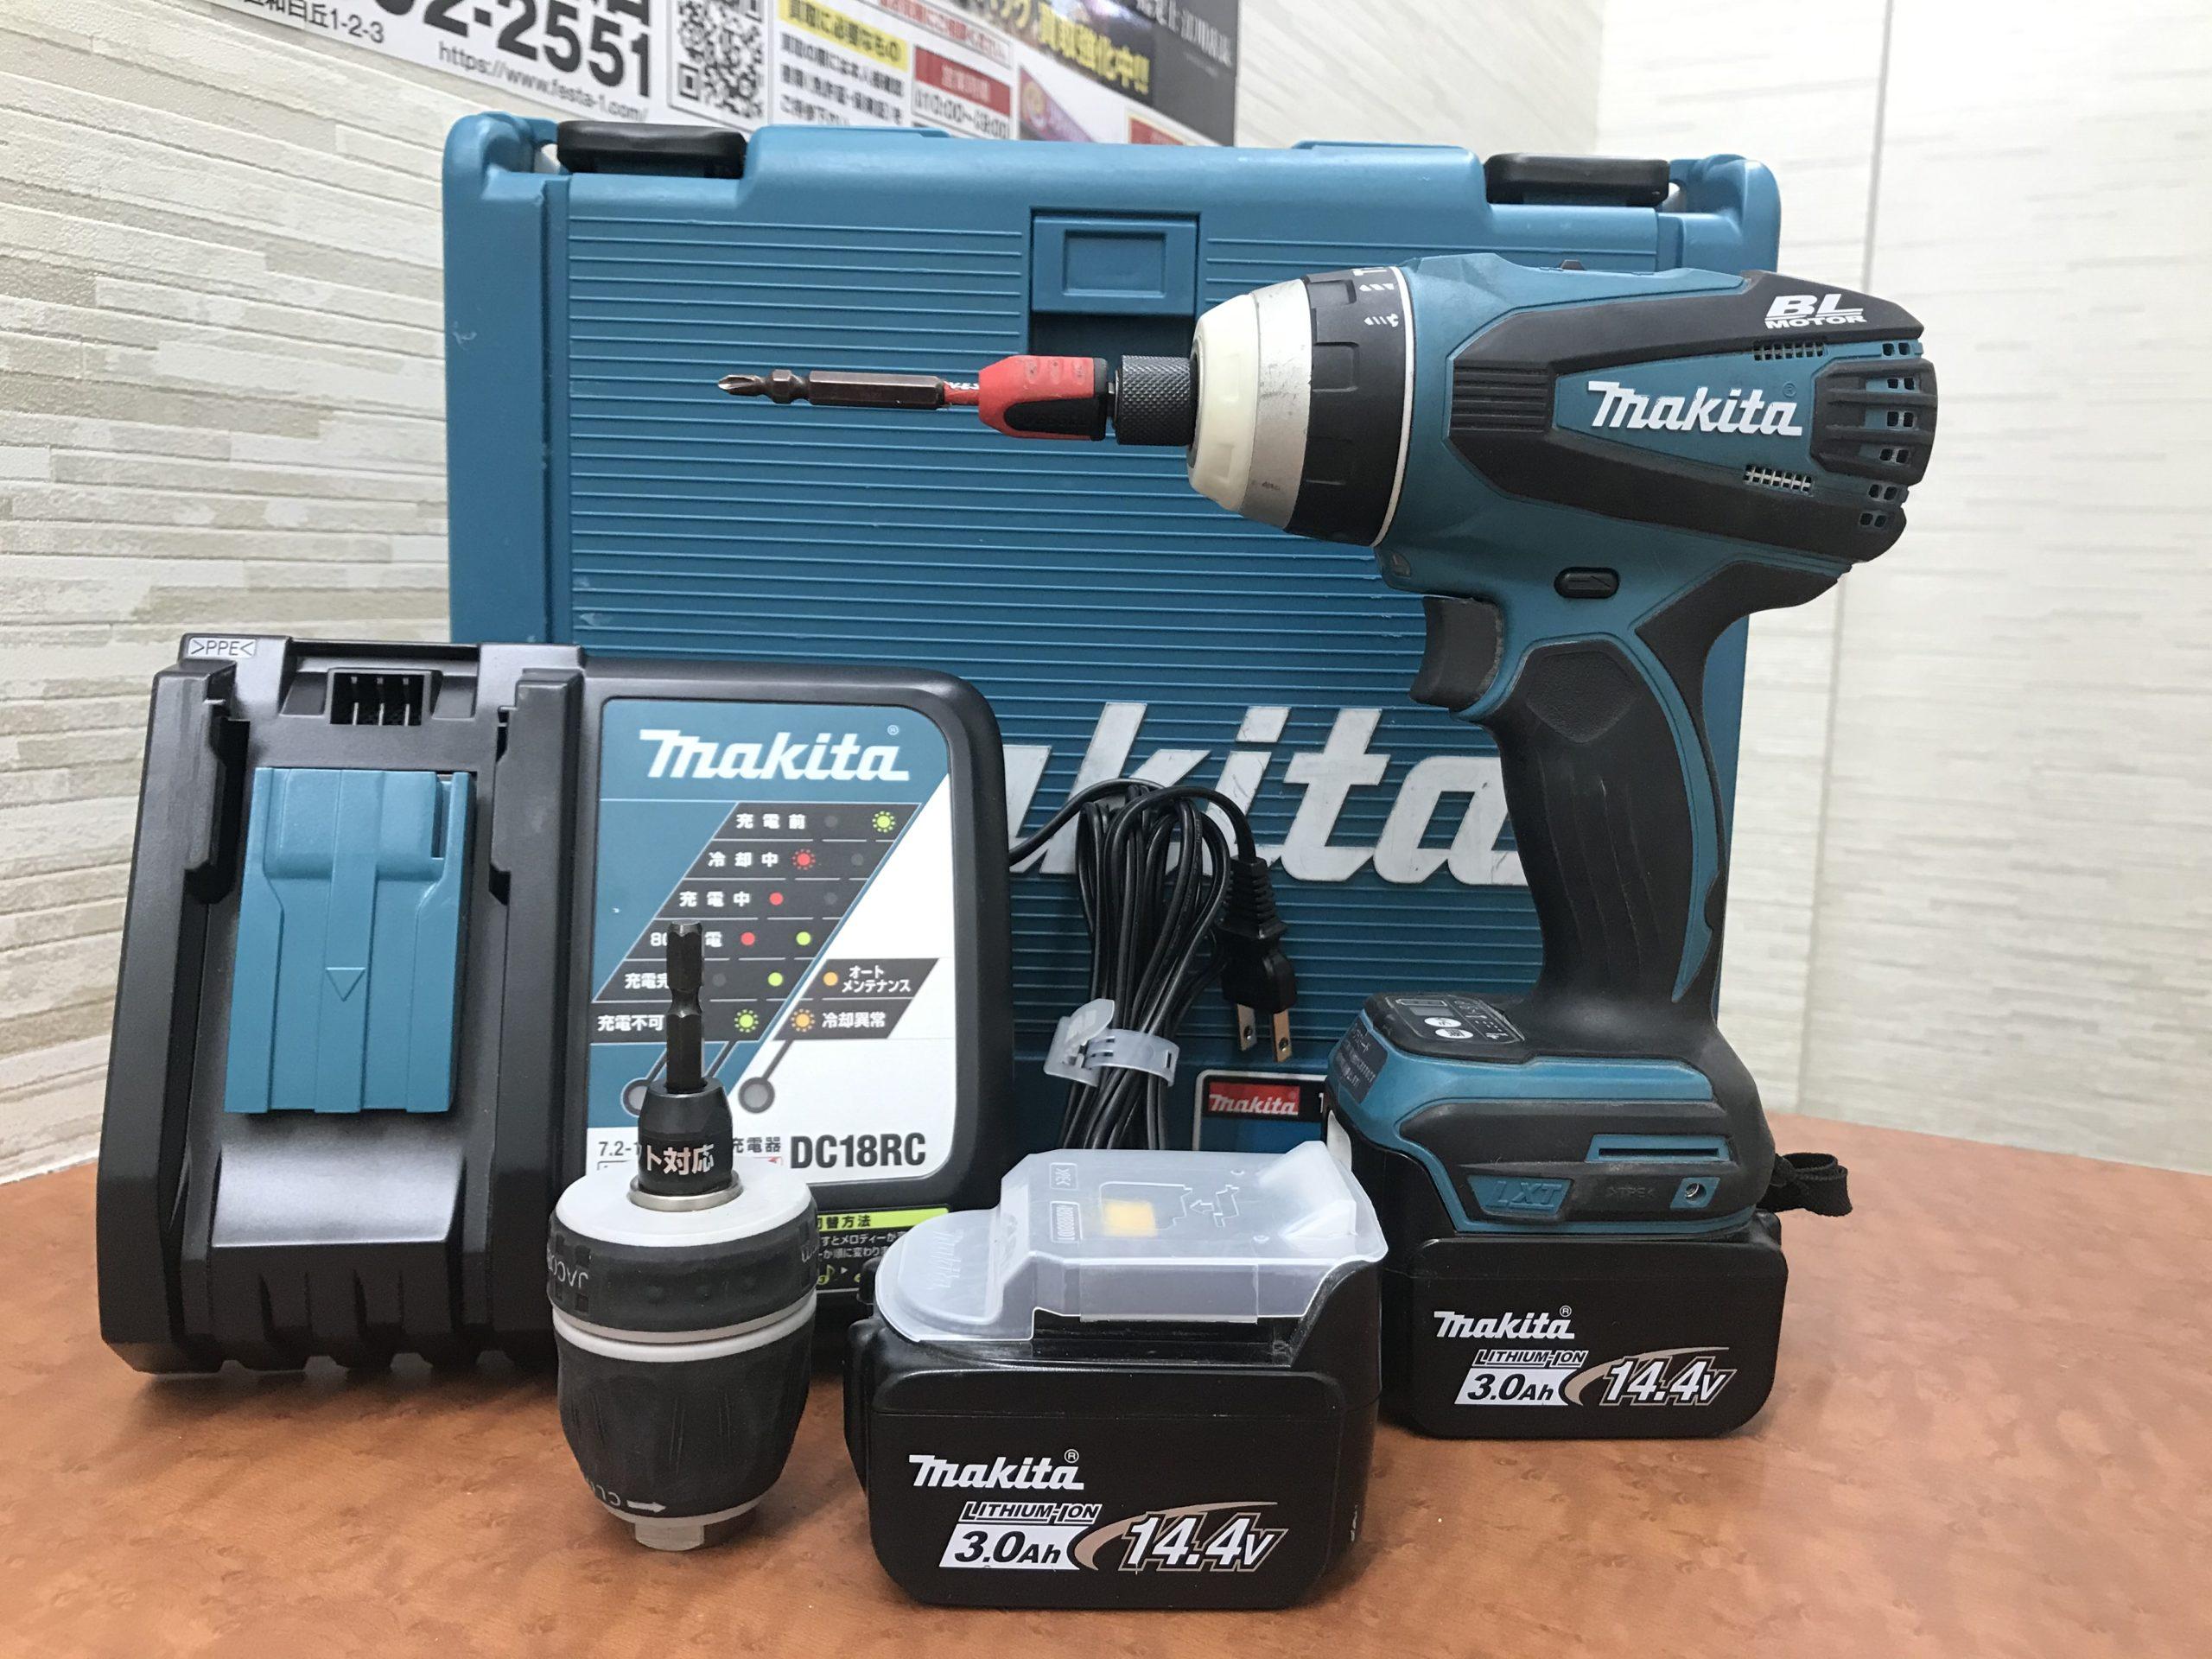 makita/マキタ TP131DRFX 14.4V 充電式 4モード インパクトドライバ 充電器 バッテリー2個 工具Zを買取させて頂きました!!の買取-